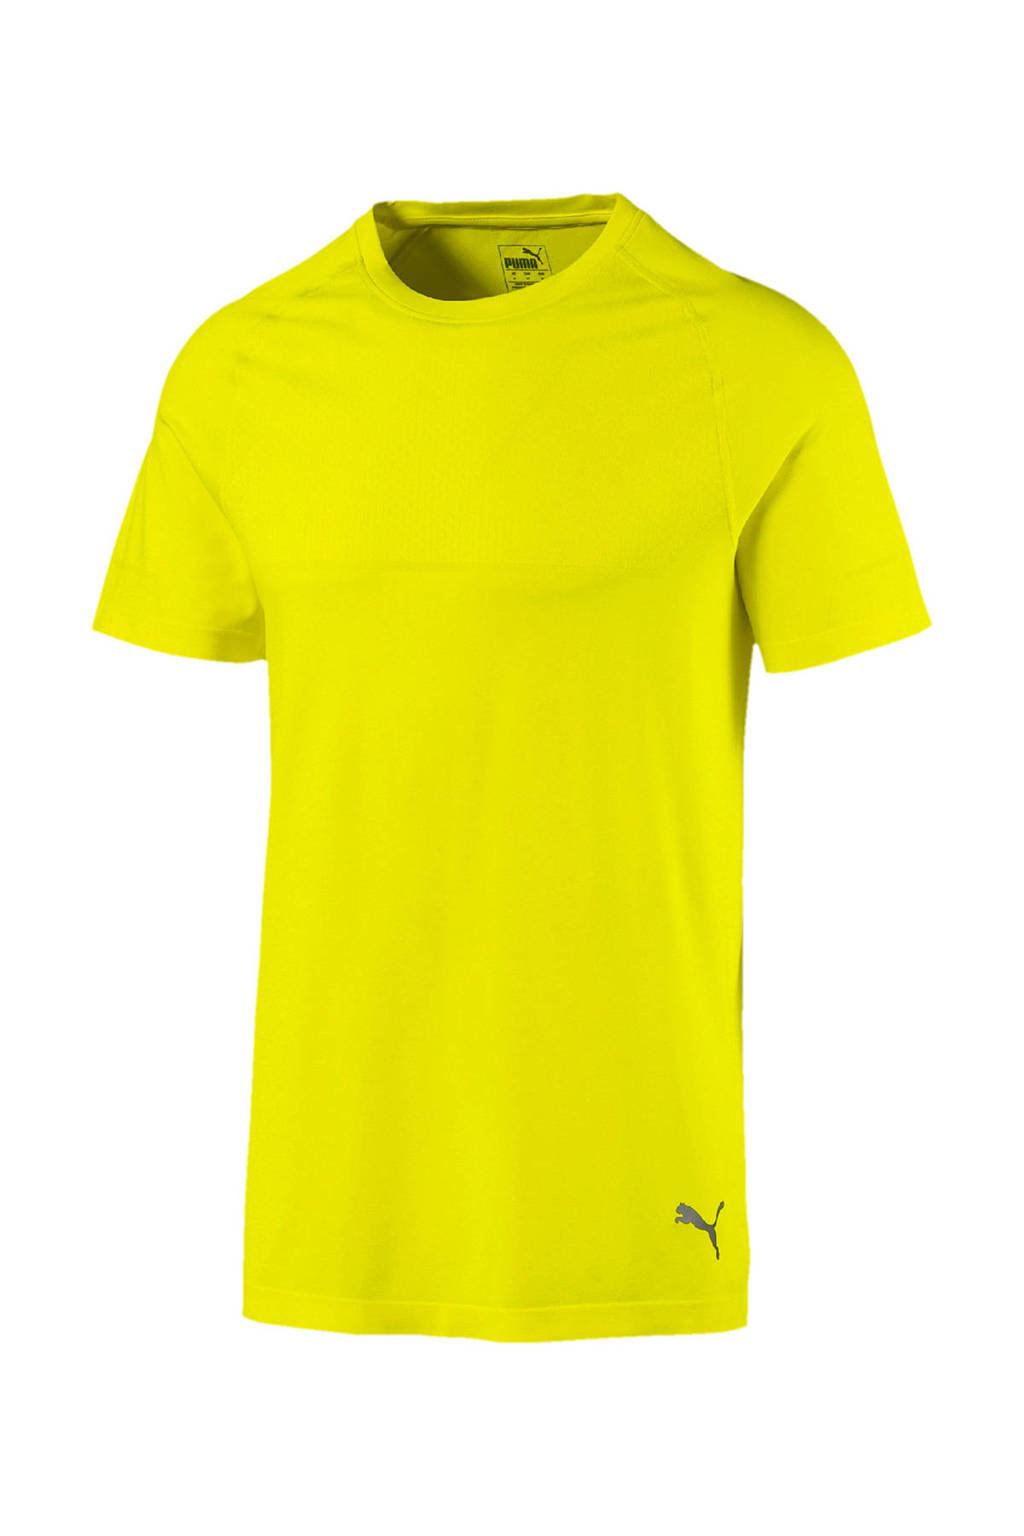 Puma   sport T-shirt limegroen, Limegroen